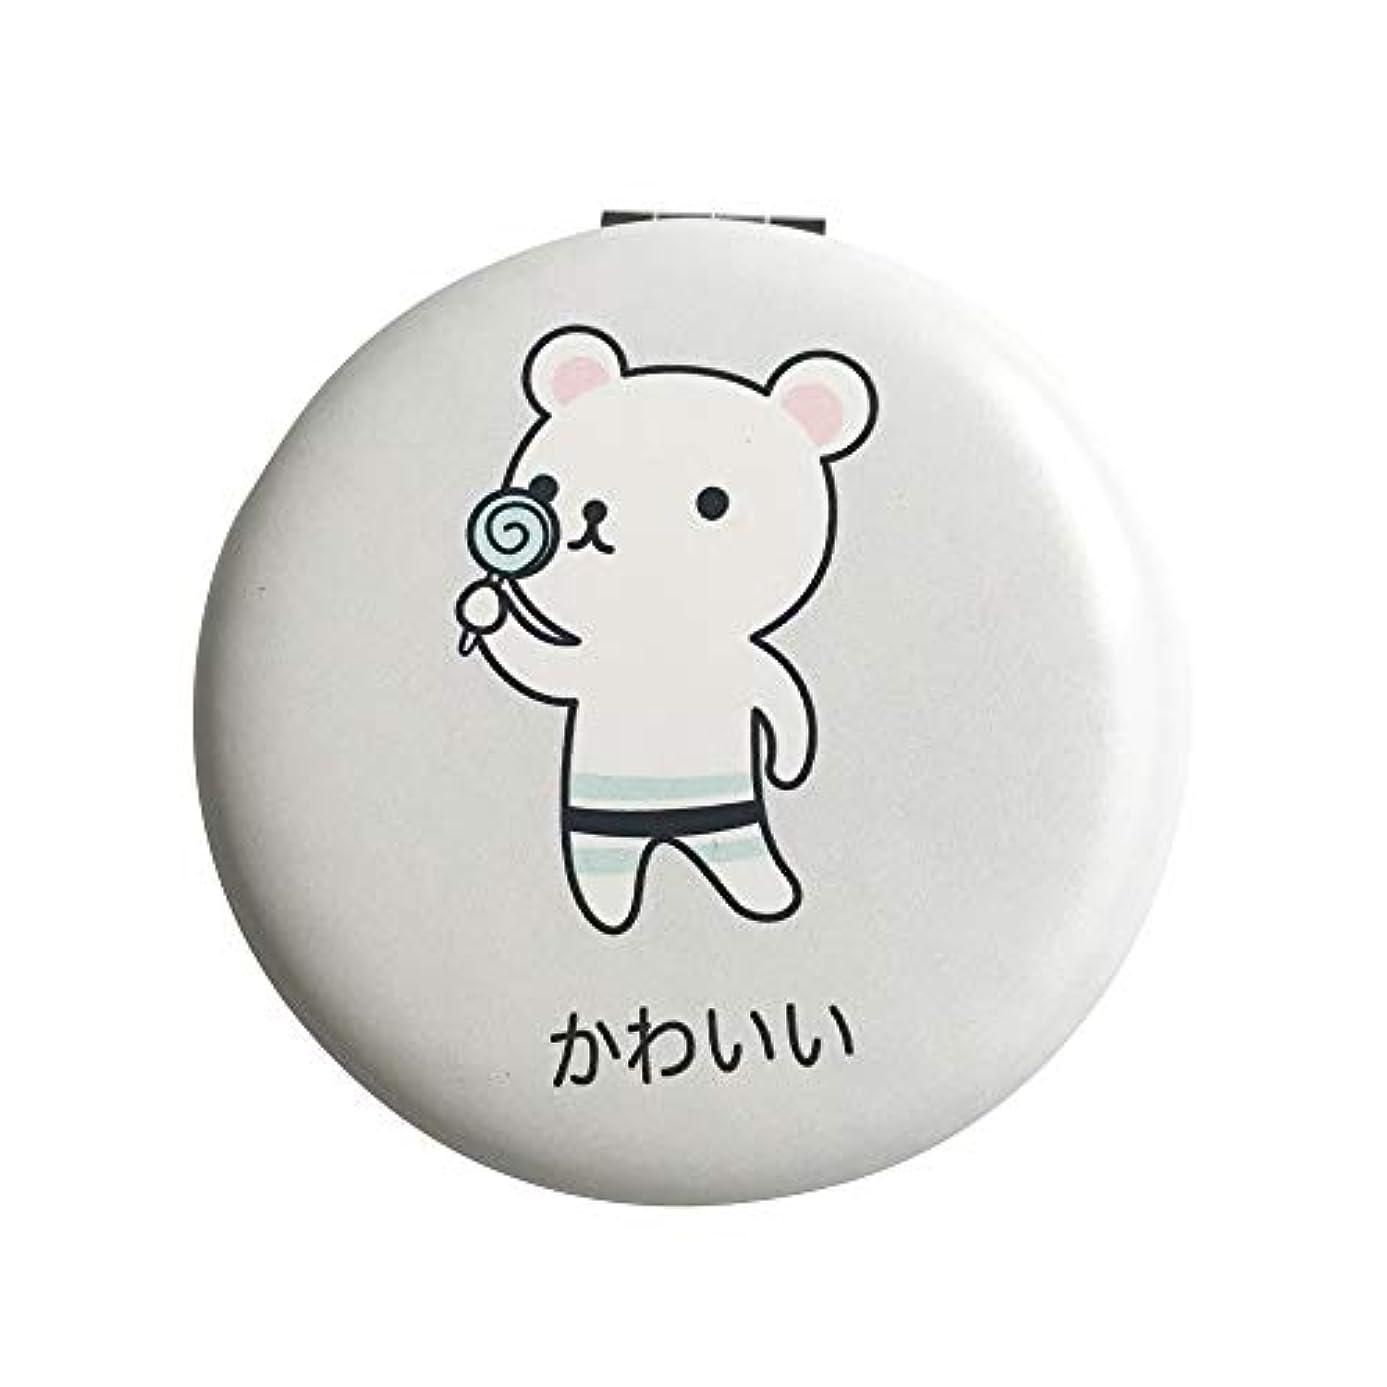 中で配る勉強するコンパクトミラー 化粧鏡 手鏡 折りたたみ 割れない 拡大鏡付き 動物柄 熊 丸型